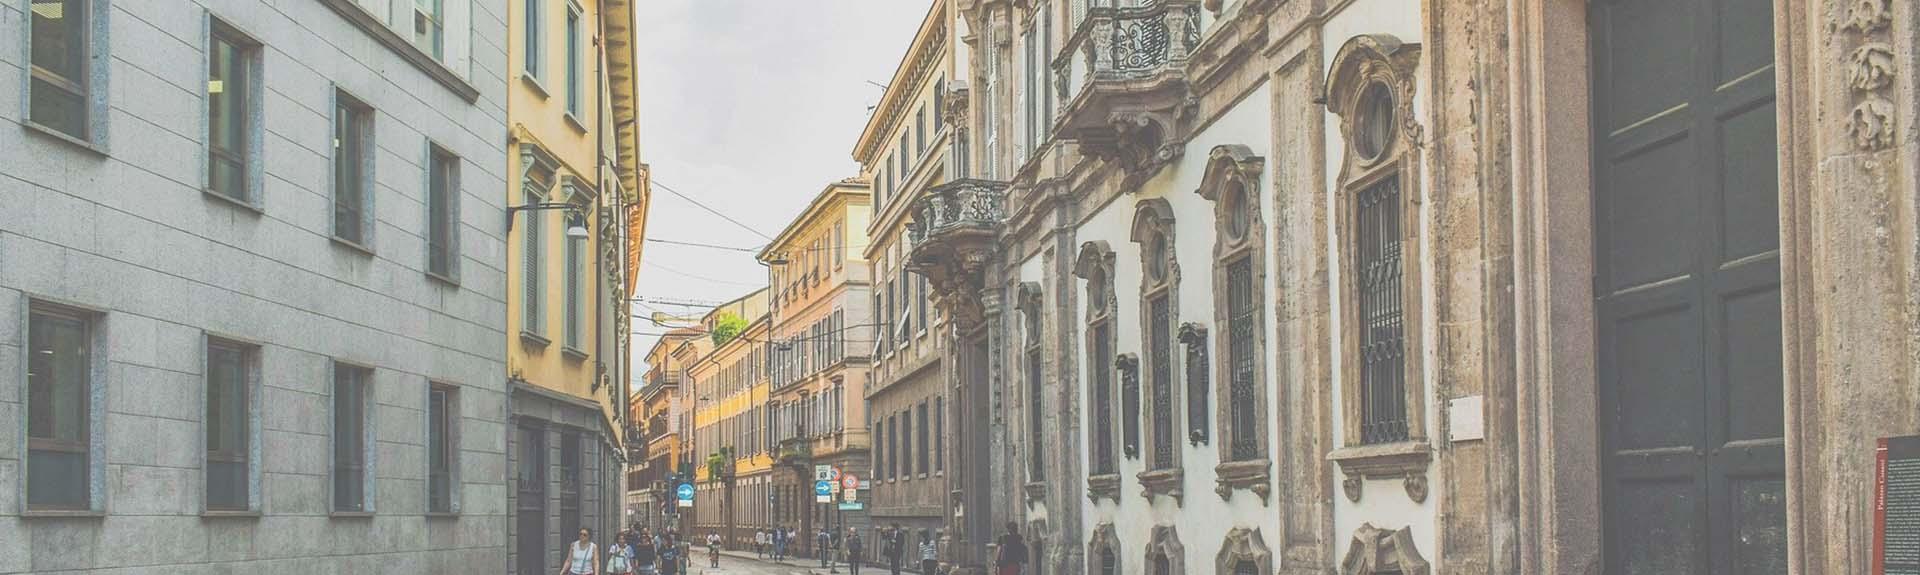 header rue milan